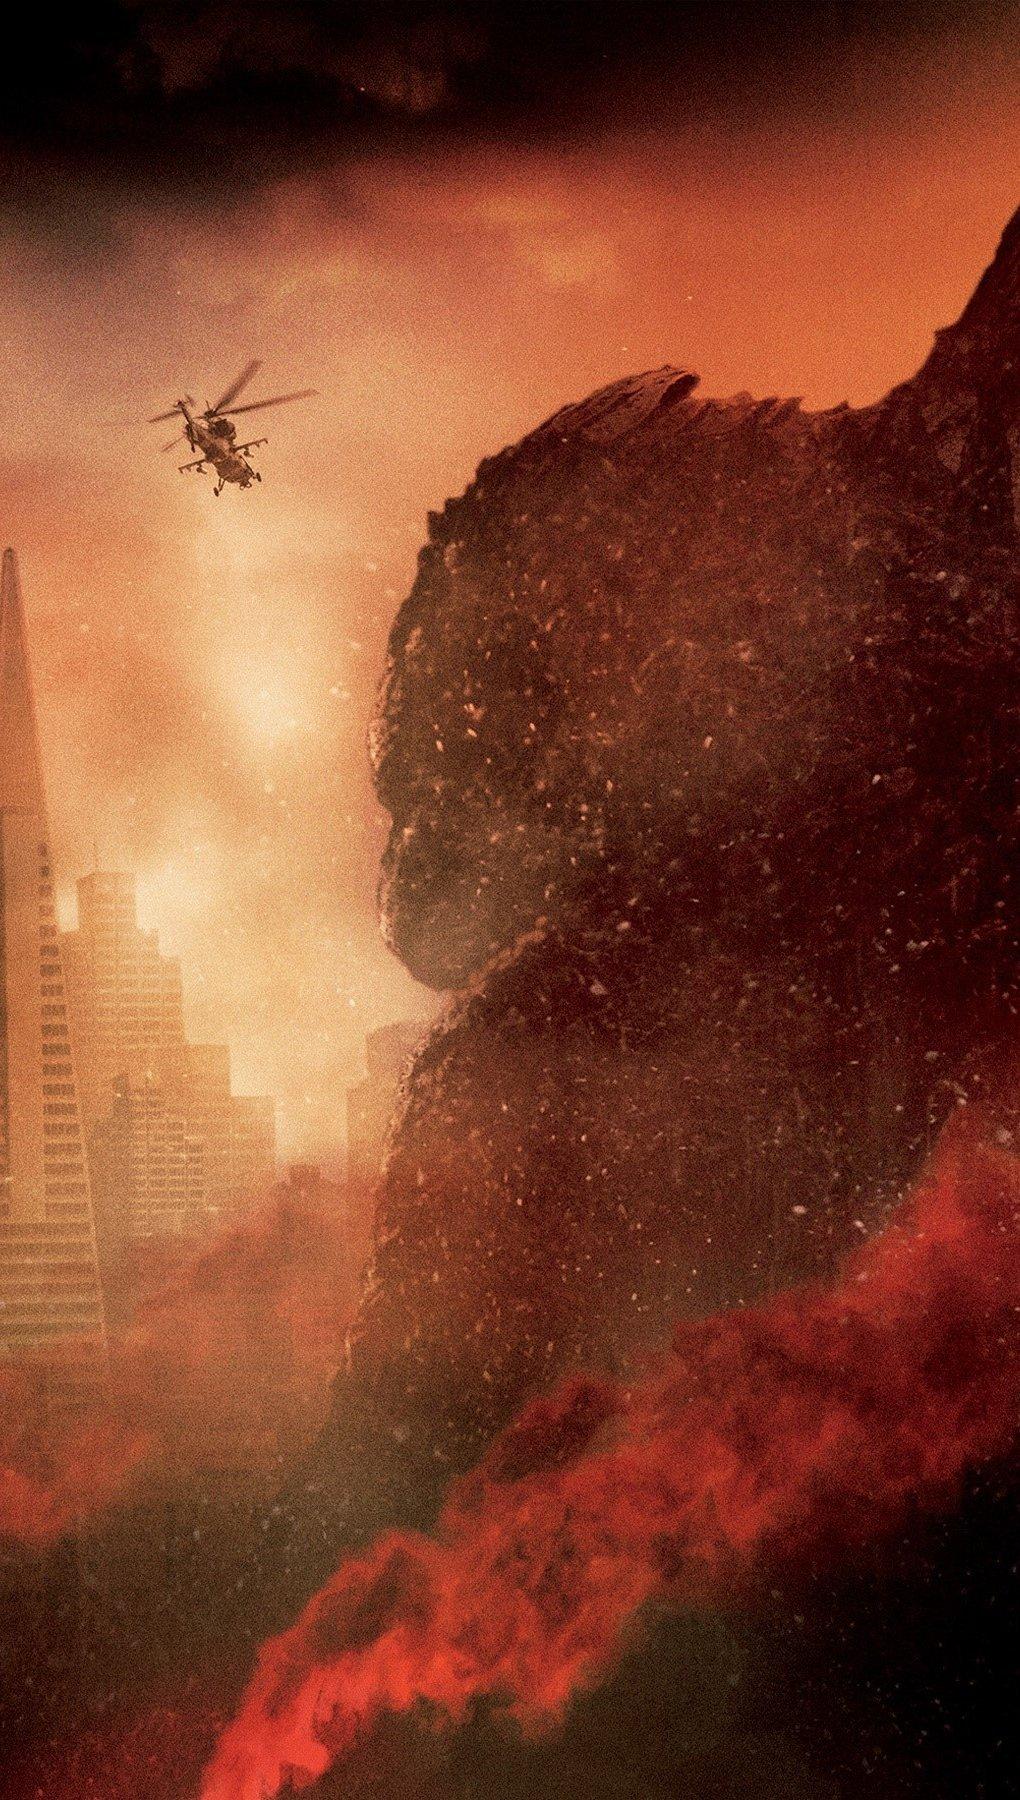 Fondos de pantalla Godzilla Vertical